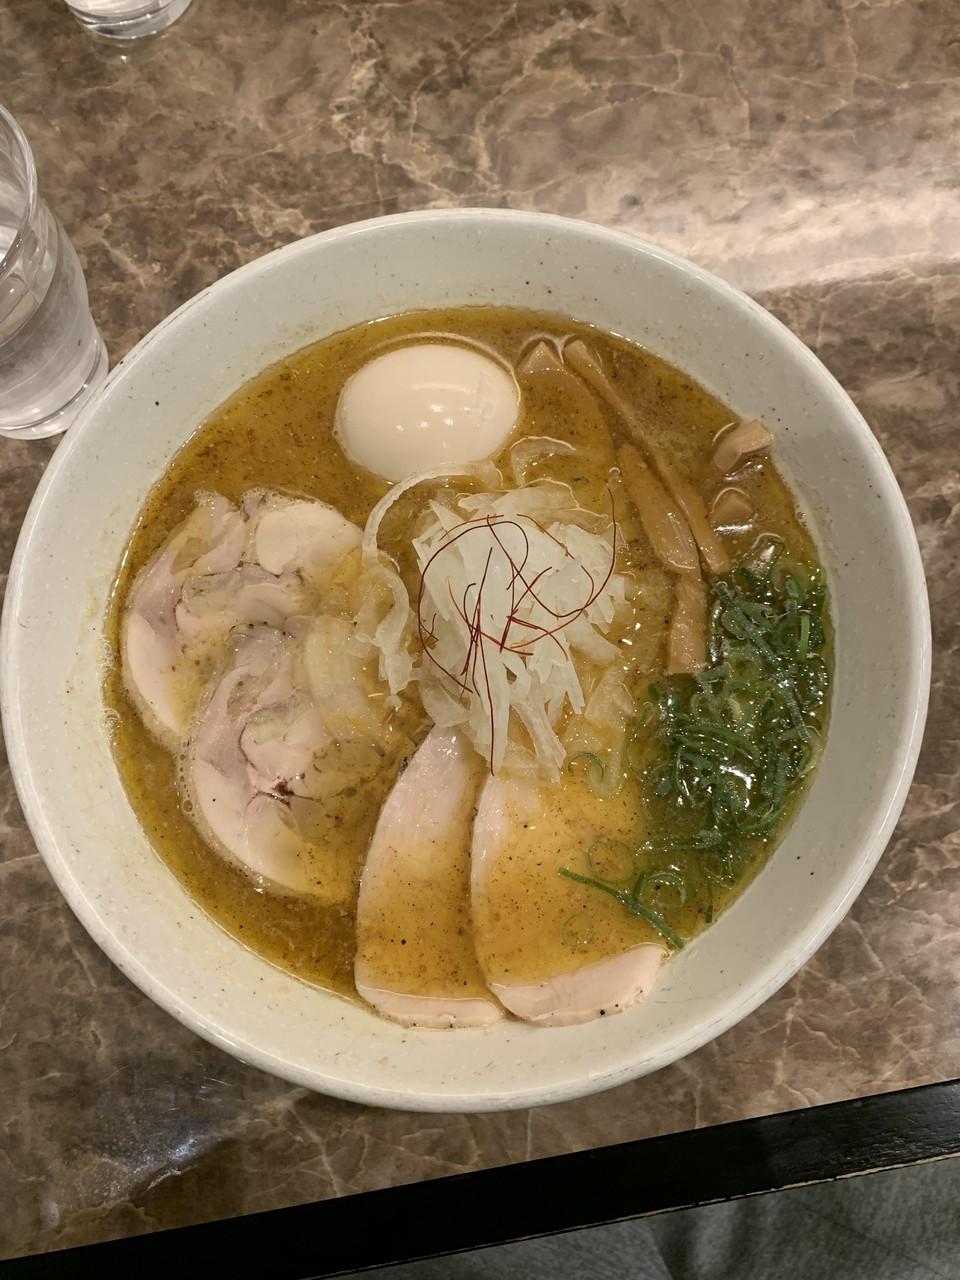 ら-めんつけ麺 えびす image